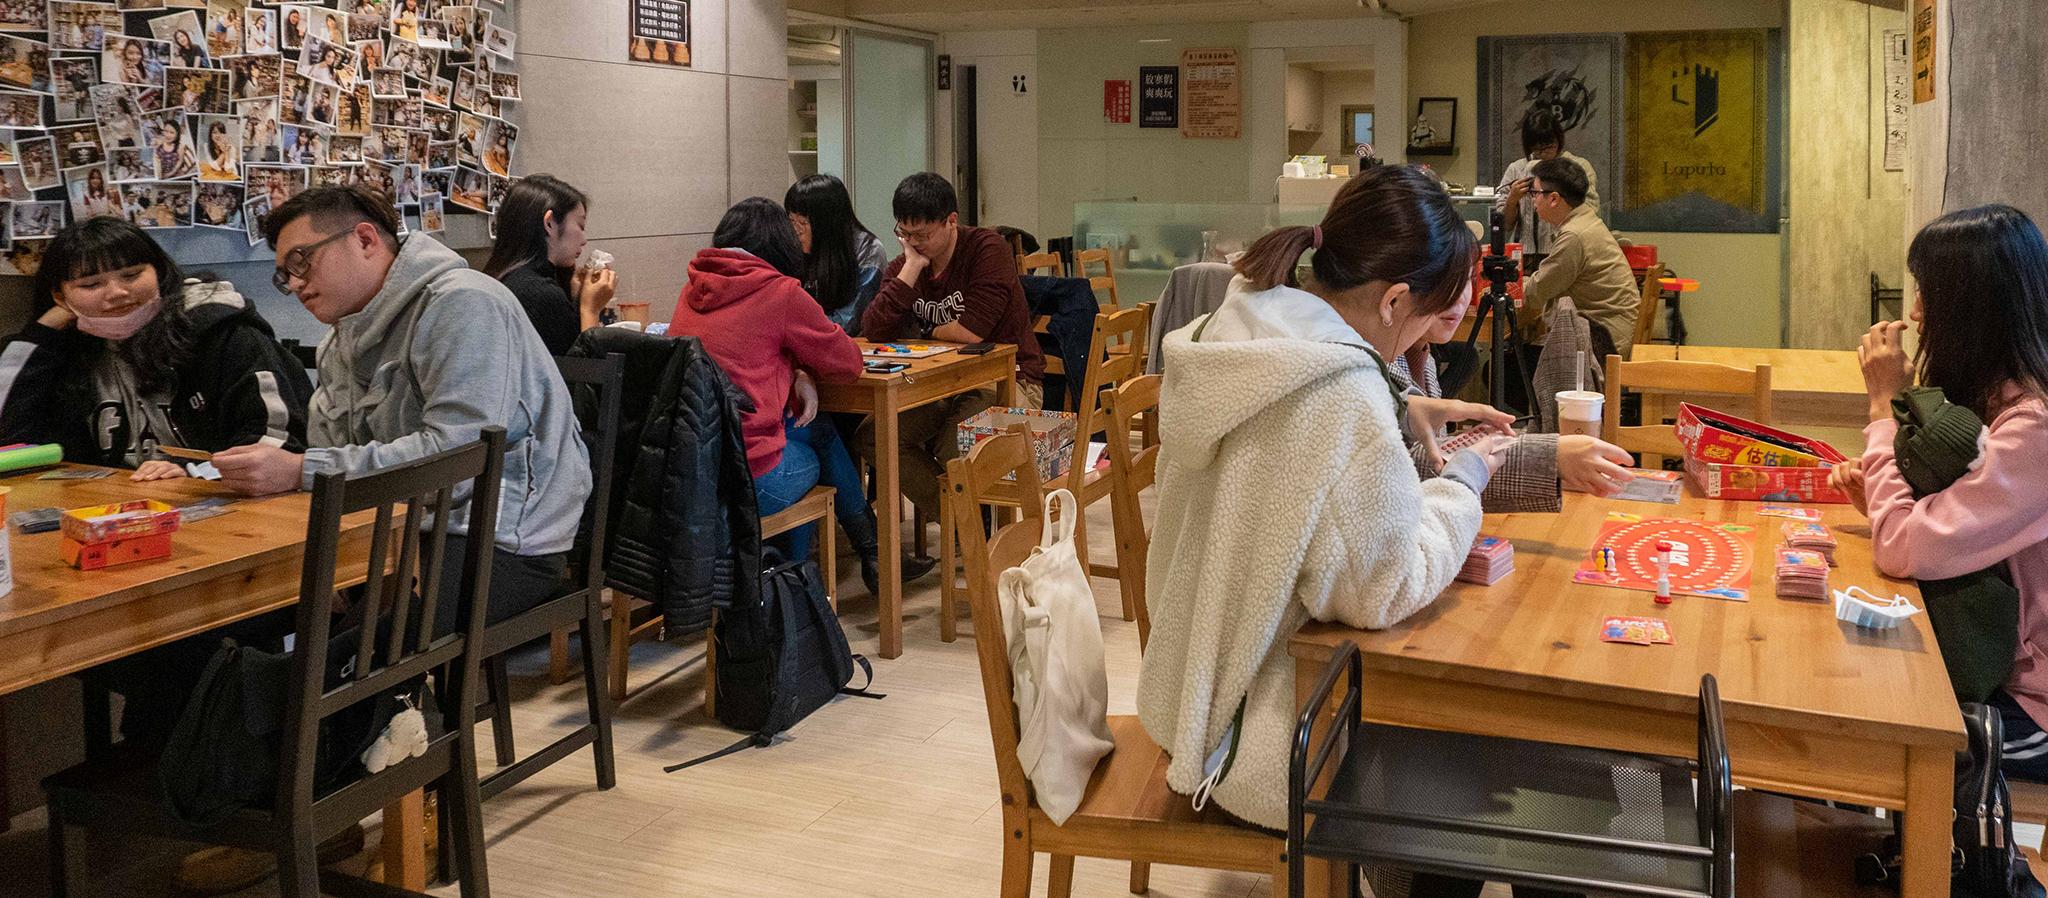 台北・雨天室內約會|來場「桌遊」鬥智、鬥心機,三五好友情侶聚會都適合!